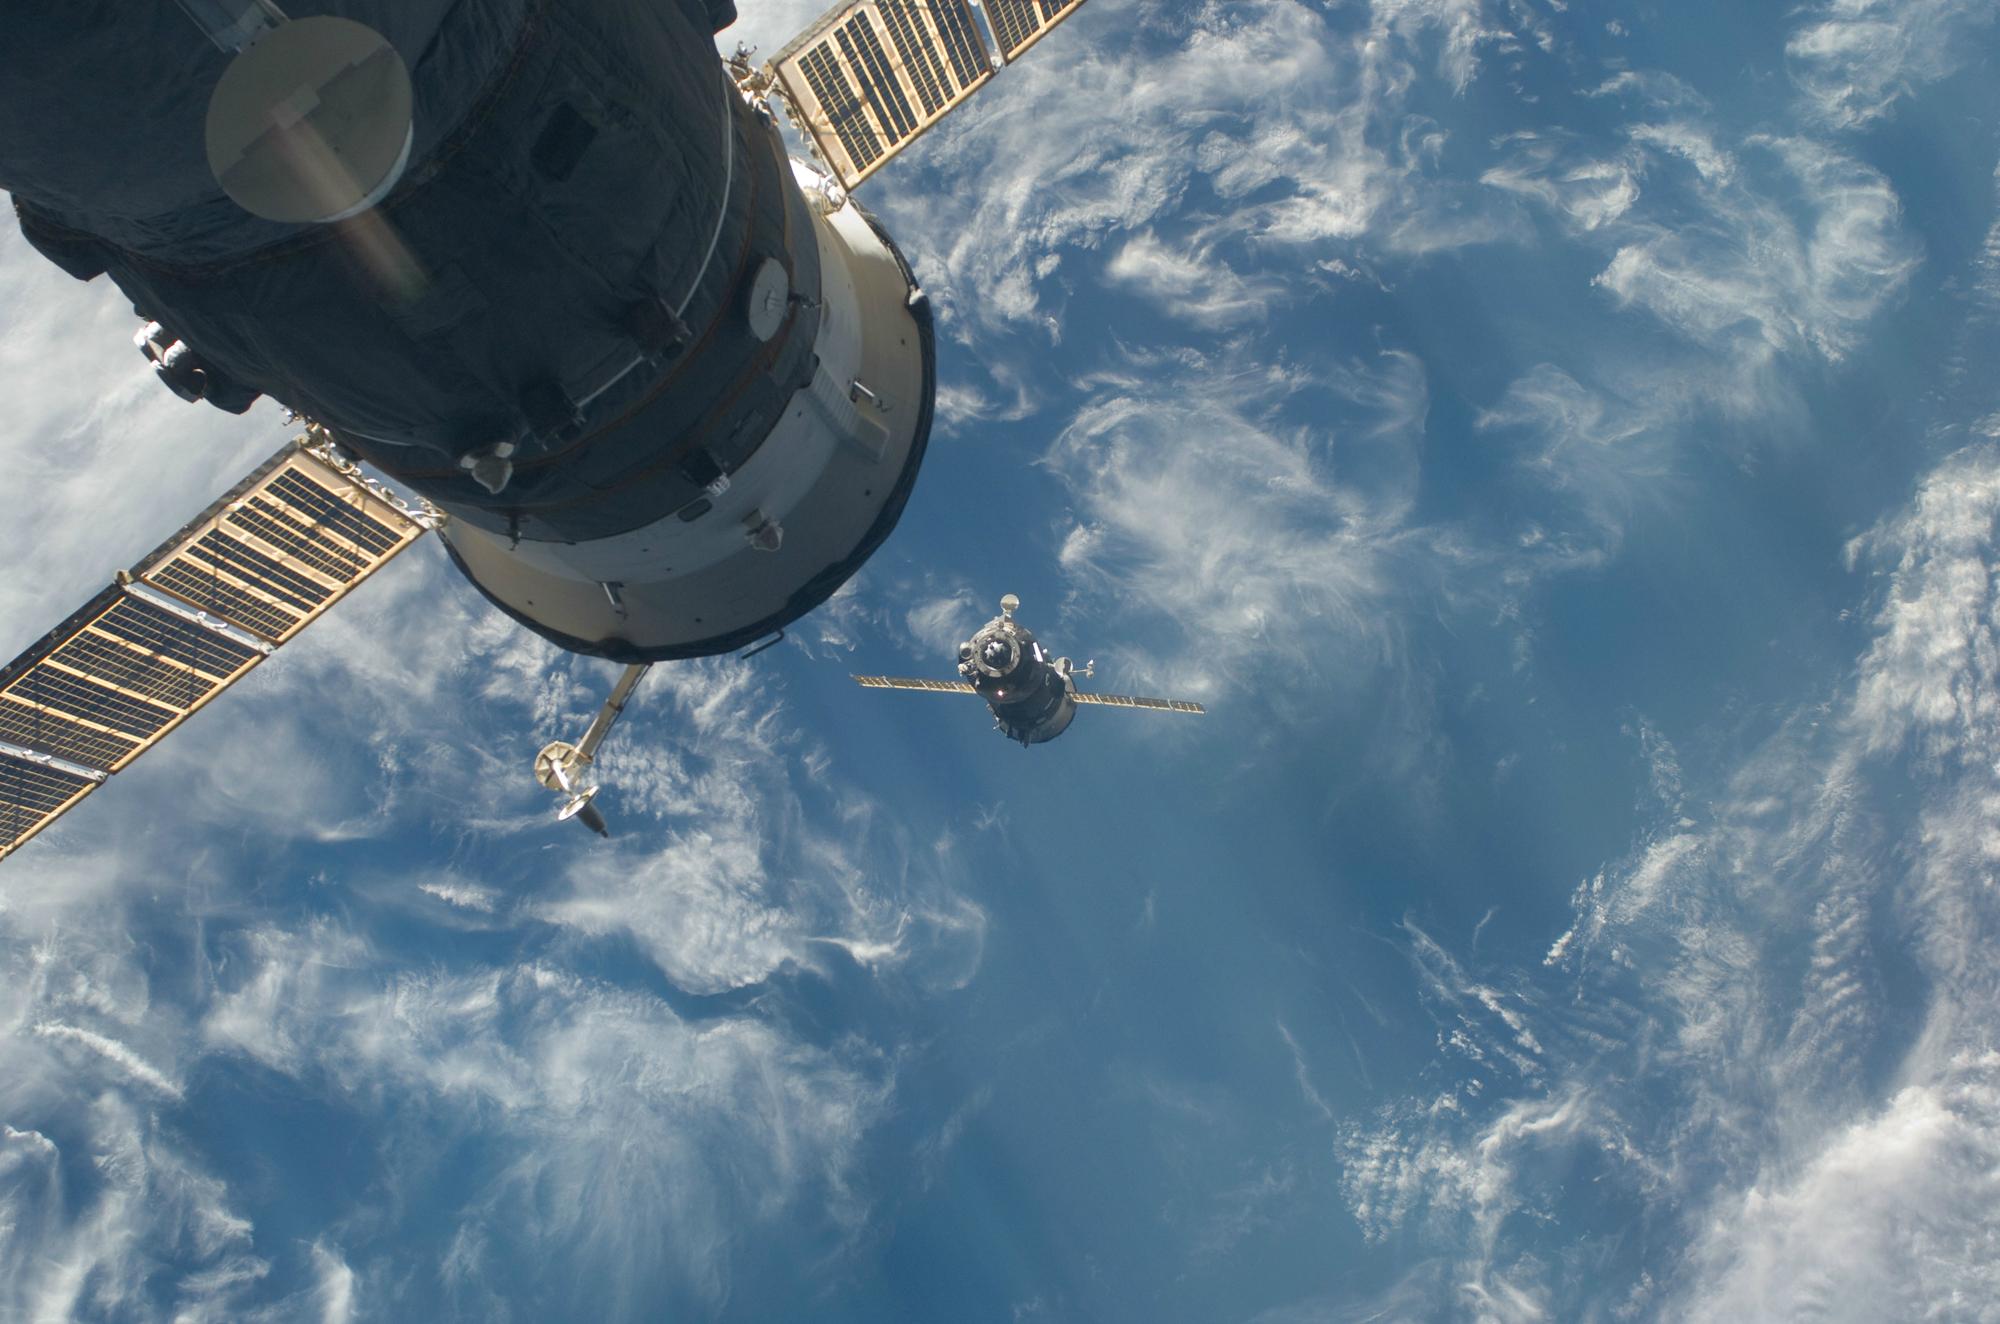 Przelot Sojuzem na Międzynarodową Stację Kosmiczną trwa krócej niż podróż pociągiem z Warszawy do Zakopanego. Fot. Wikipedia